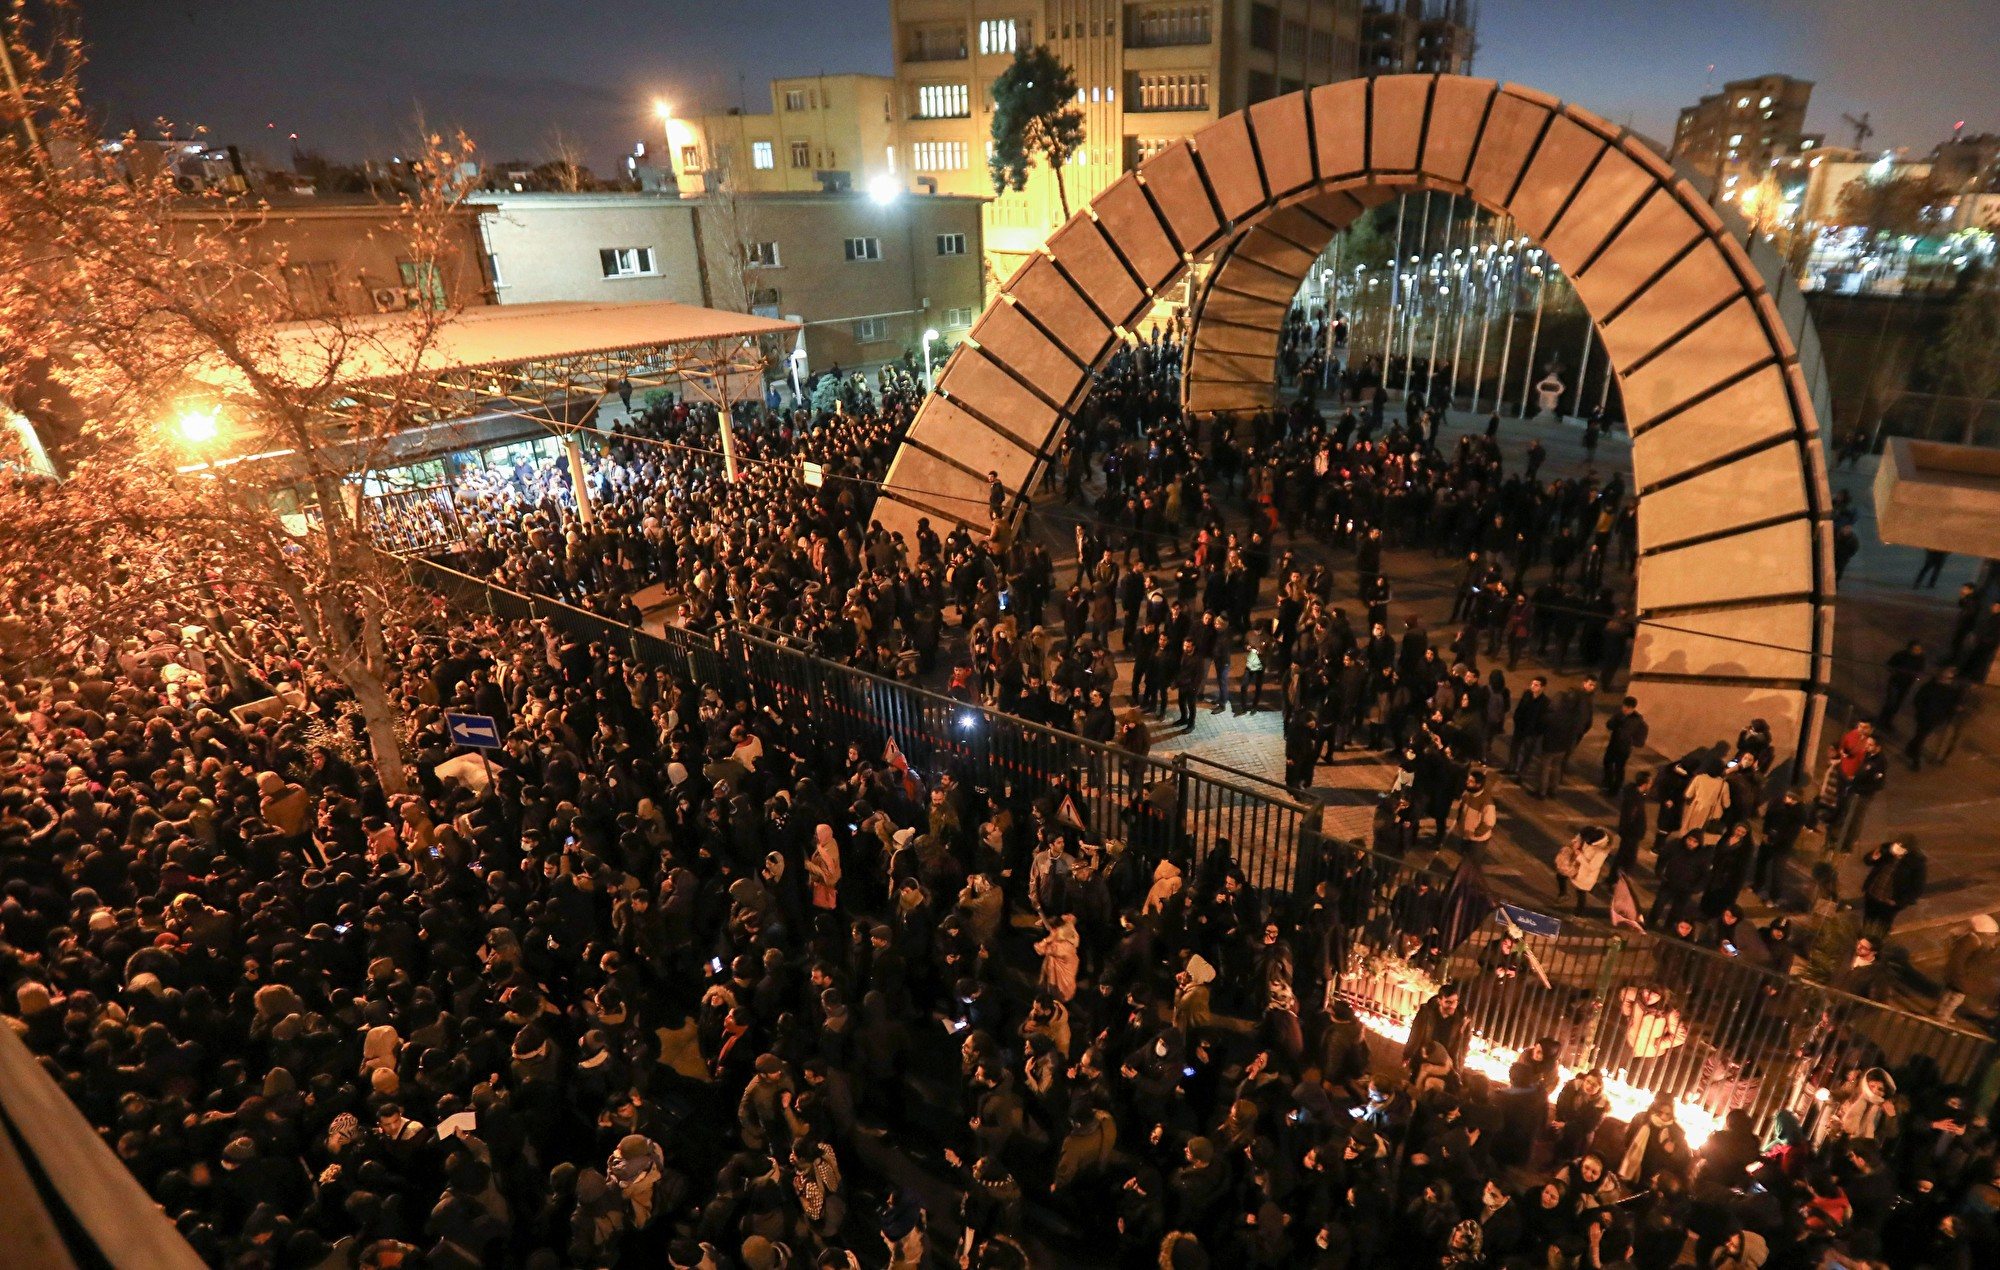 伊朗抗議者撕毀領導人畫像 要求處決獨裁者